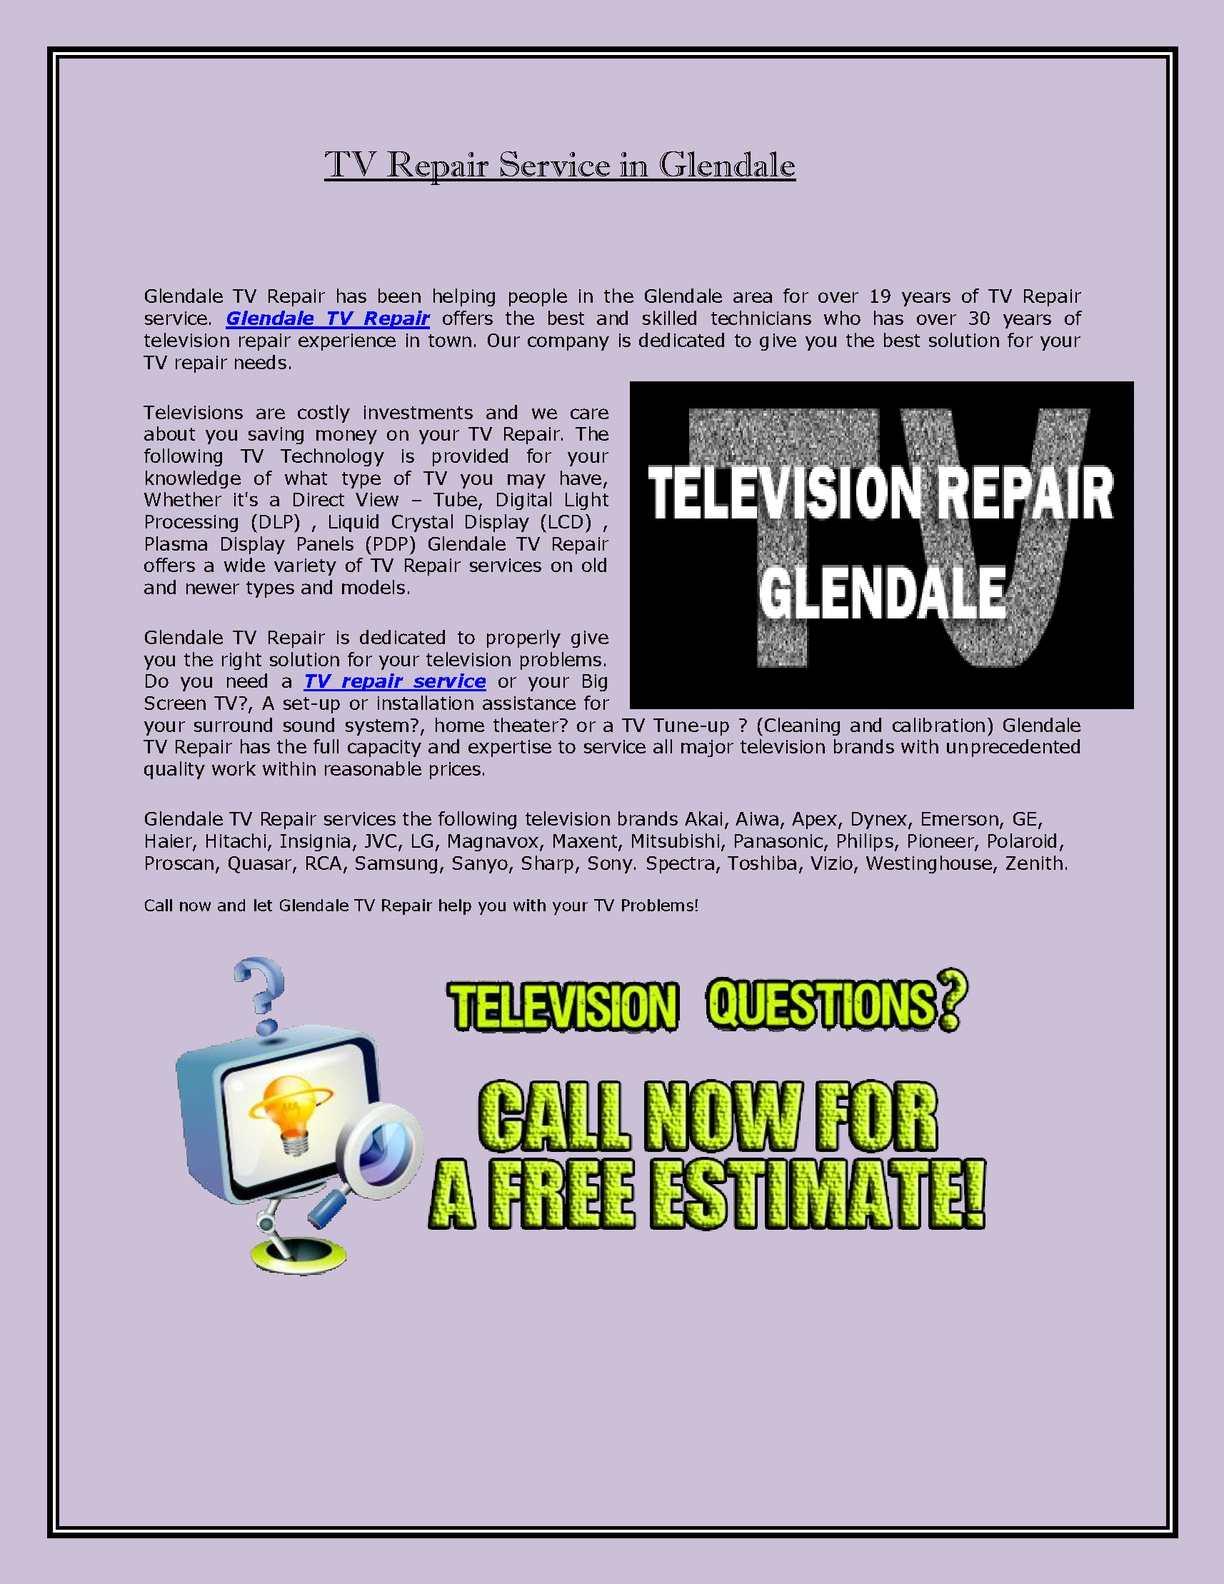 Calaméo - TV Repair Service in Glendale